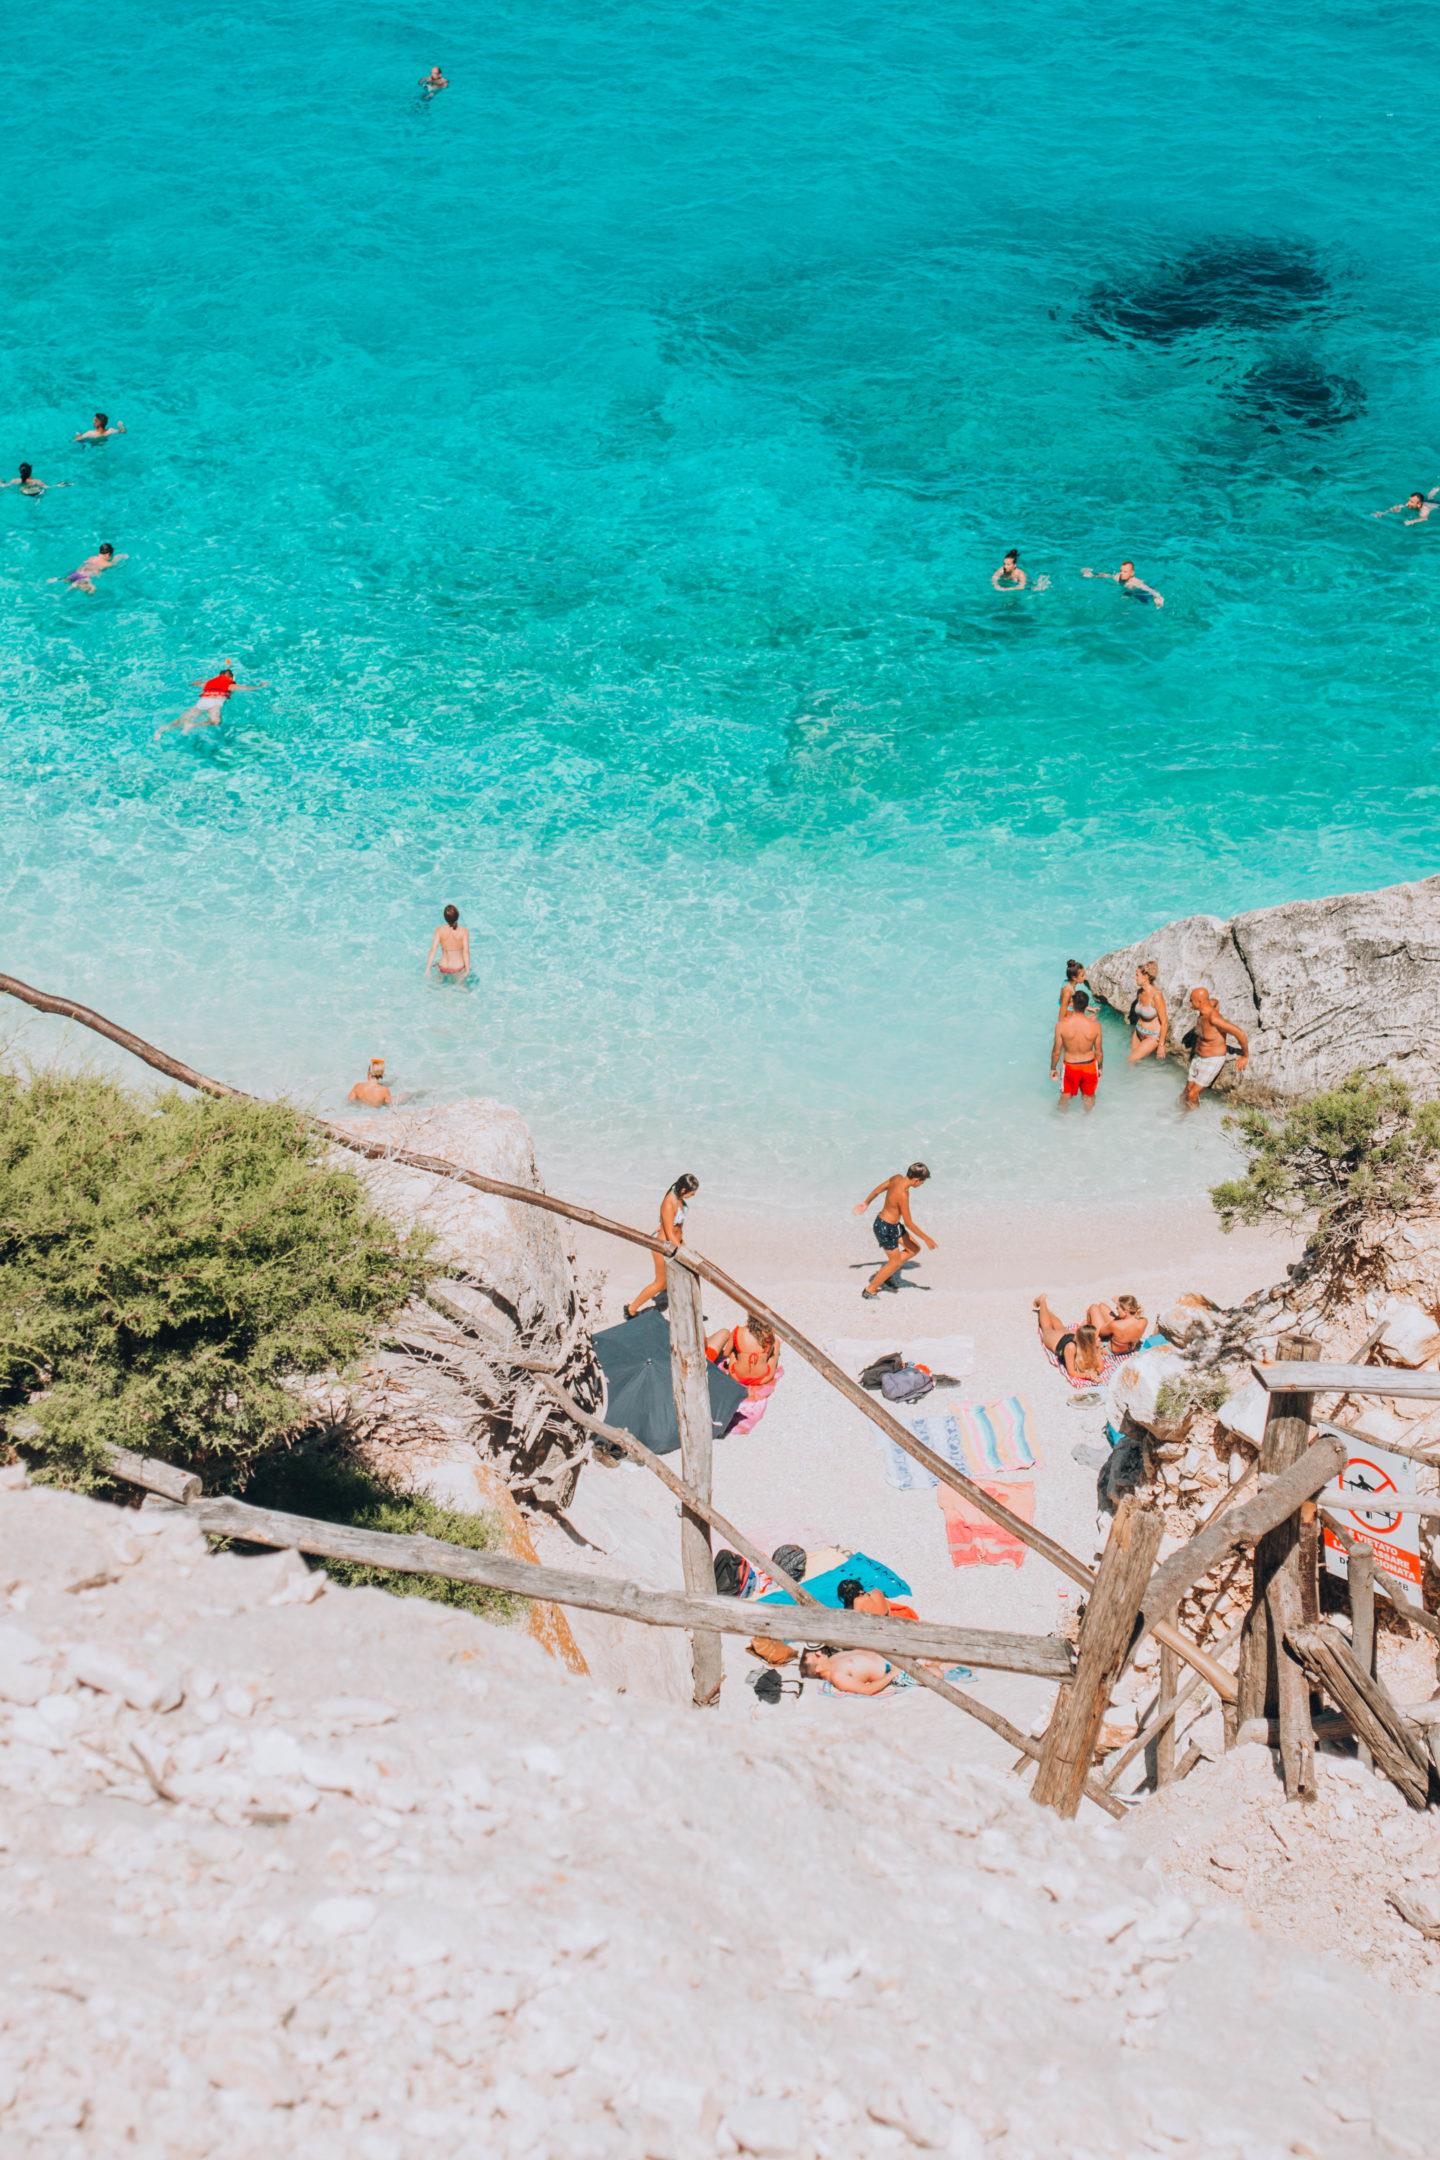 veduta dall'alta di spiaggia bianca e acqua azzurra